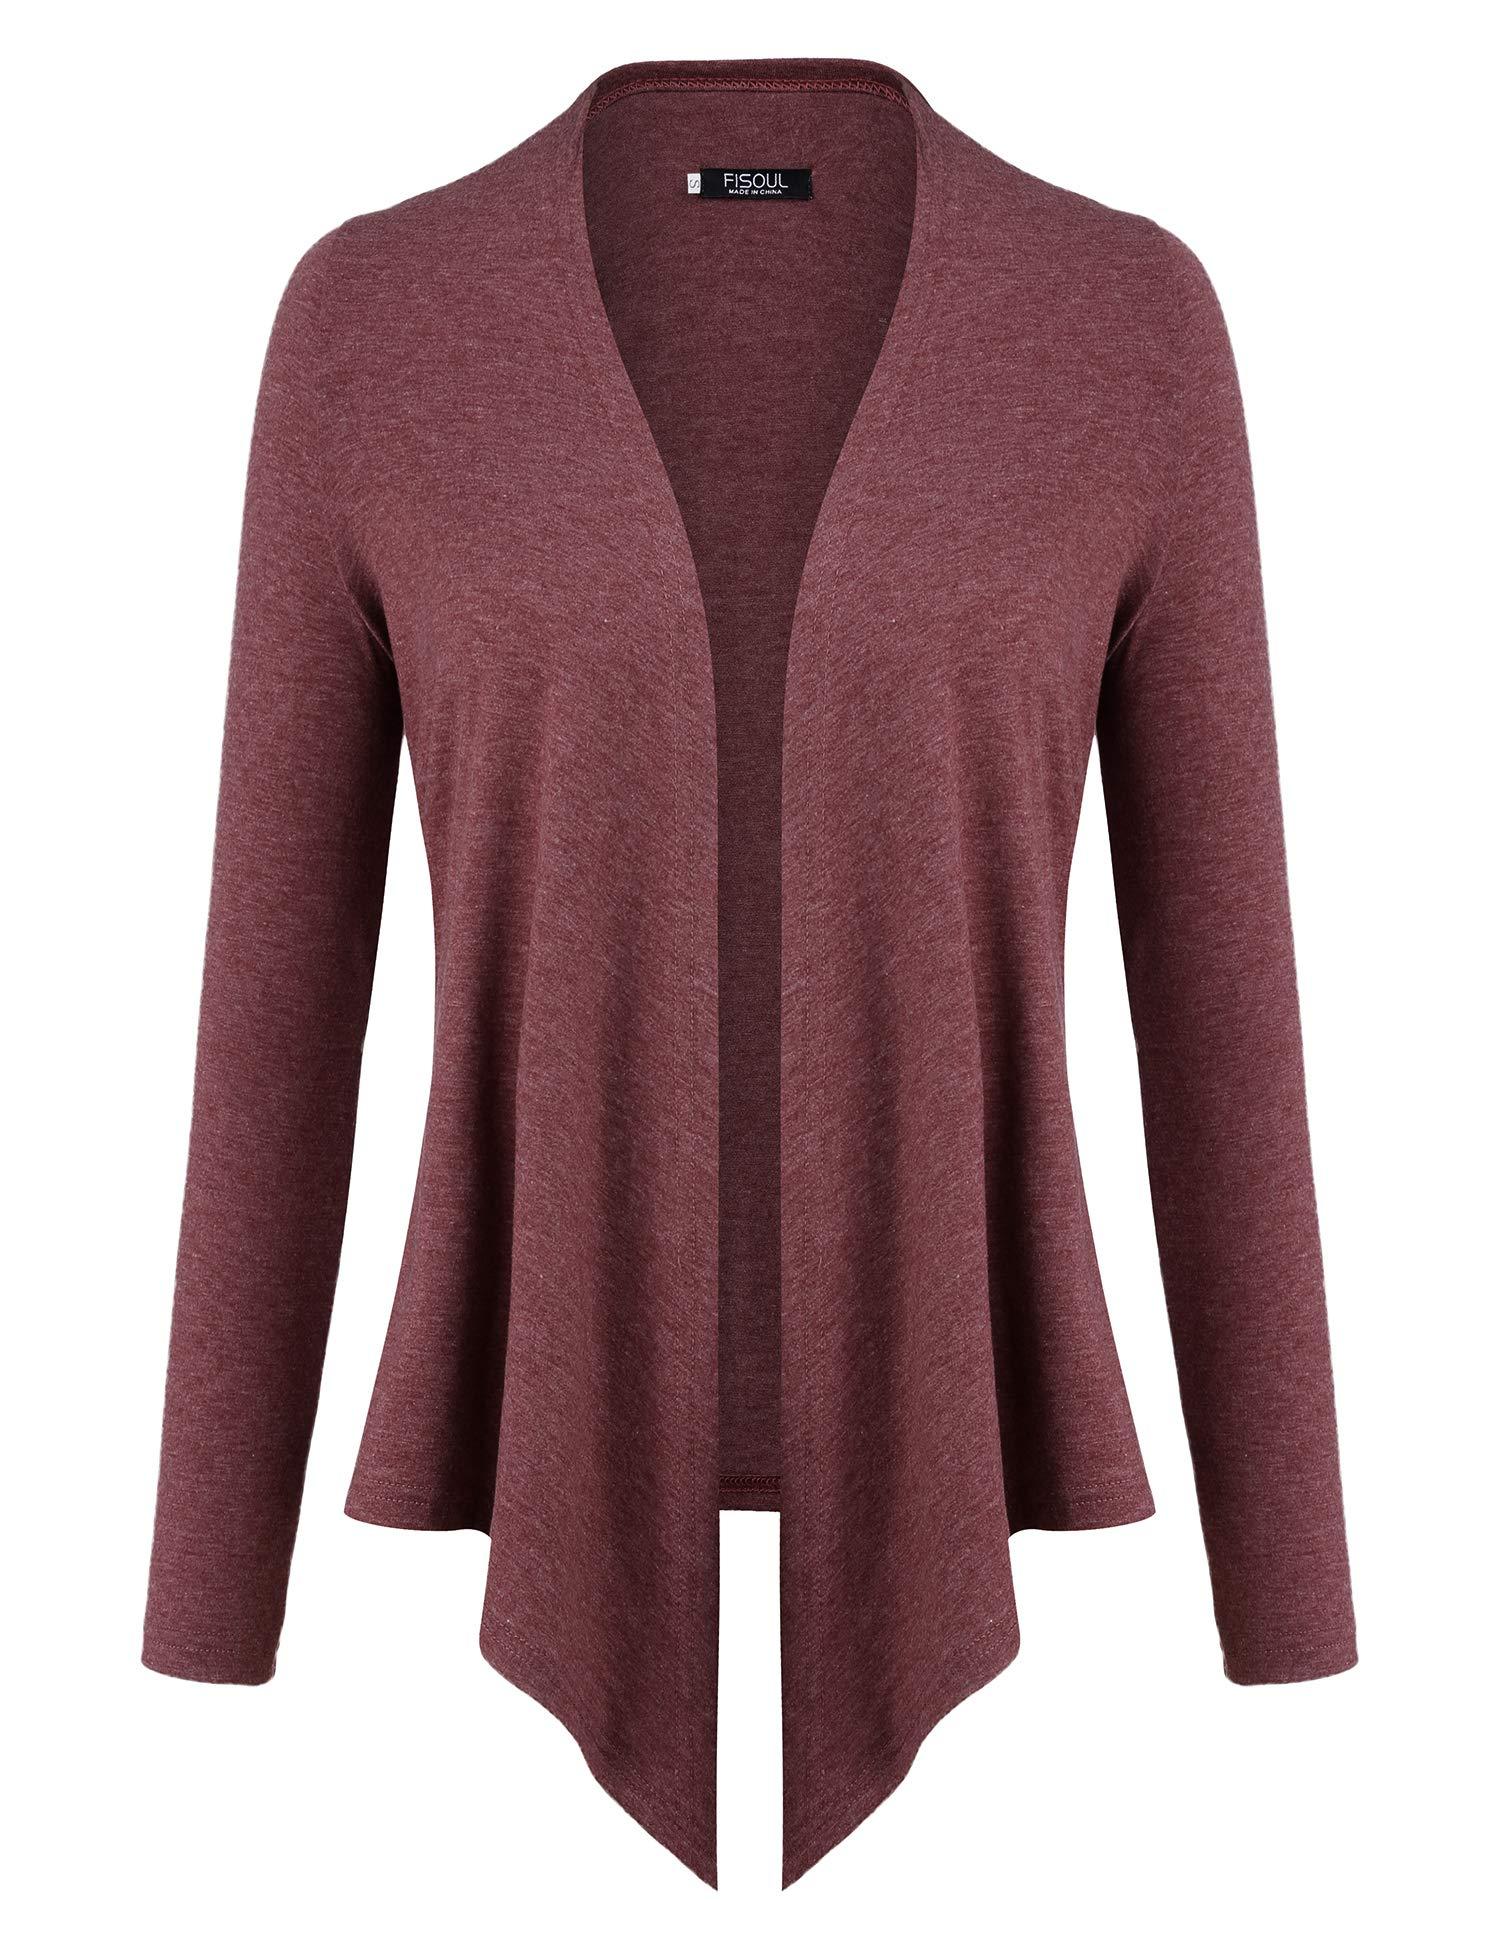 FISOUL Women's Cardigans Open Drape Front Coats Long Sleeve Lightweight Knit Jackets Wine S